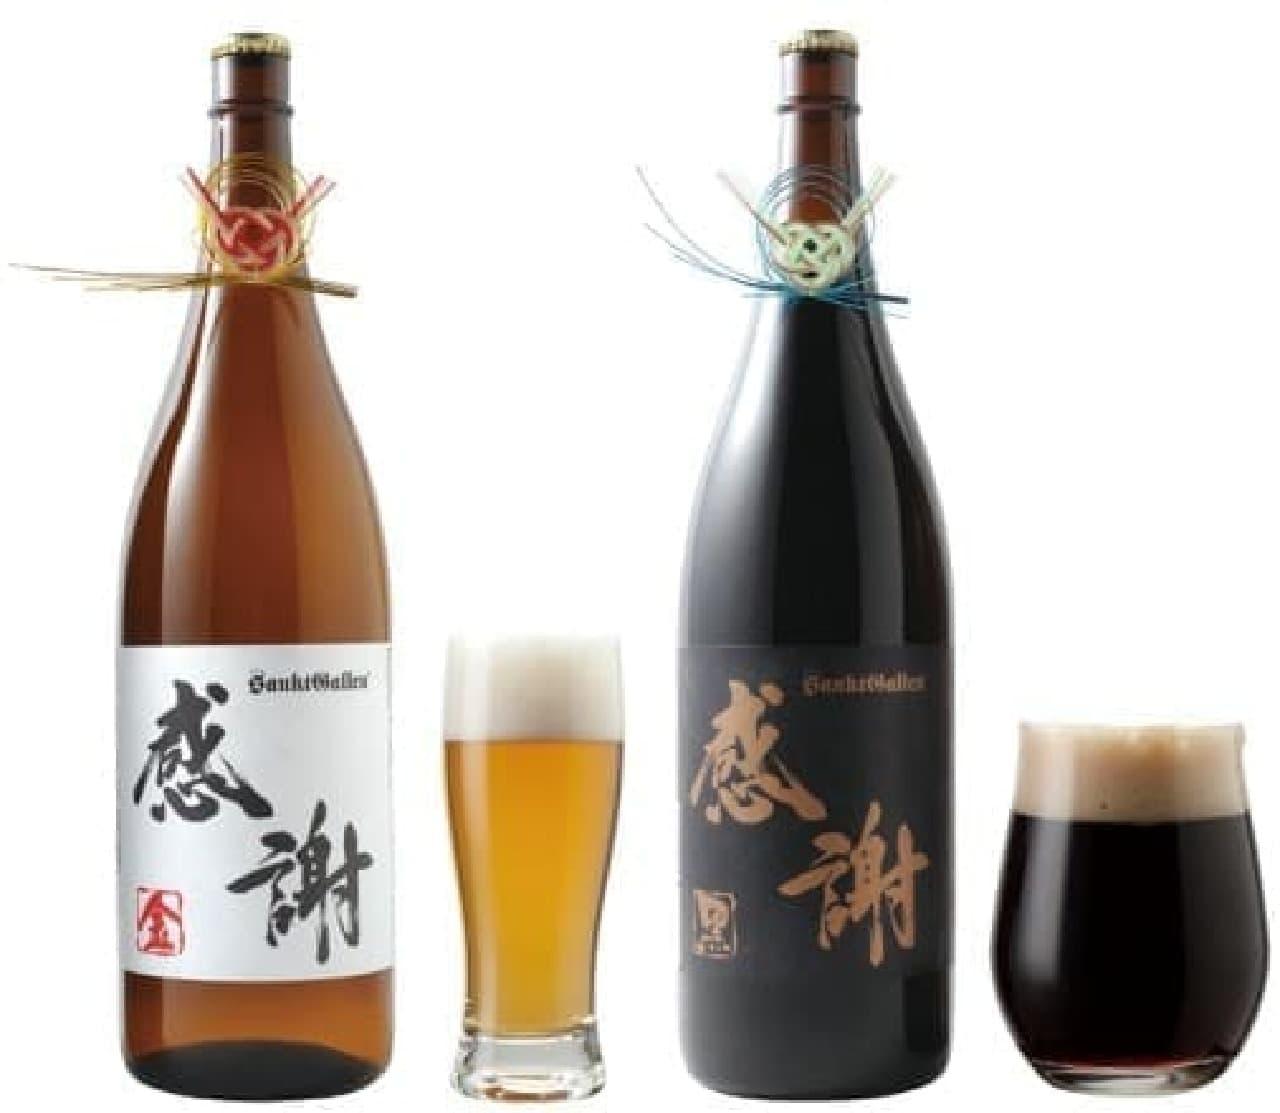 サンクトガーレン、正月限定一升瓶ビール「感謝ビール」